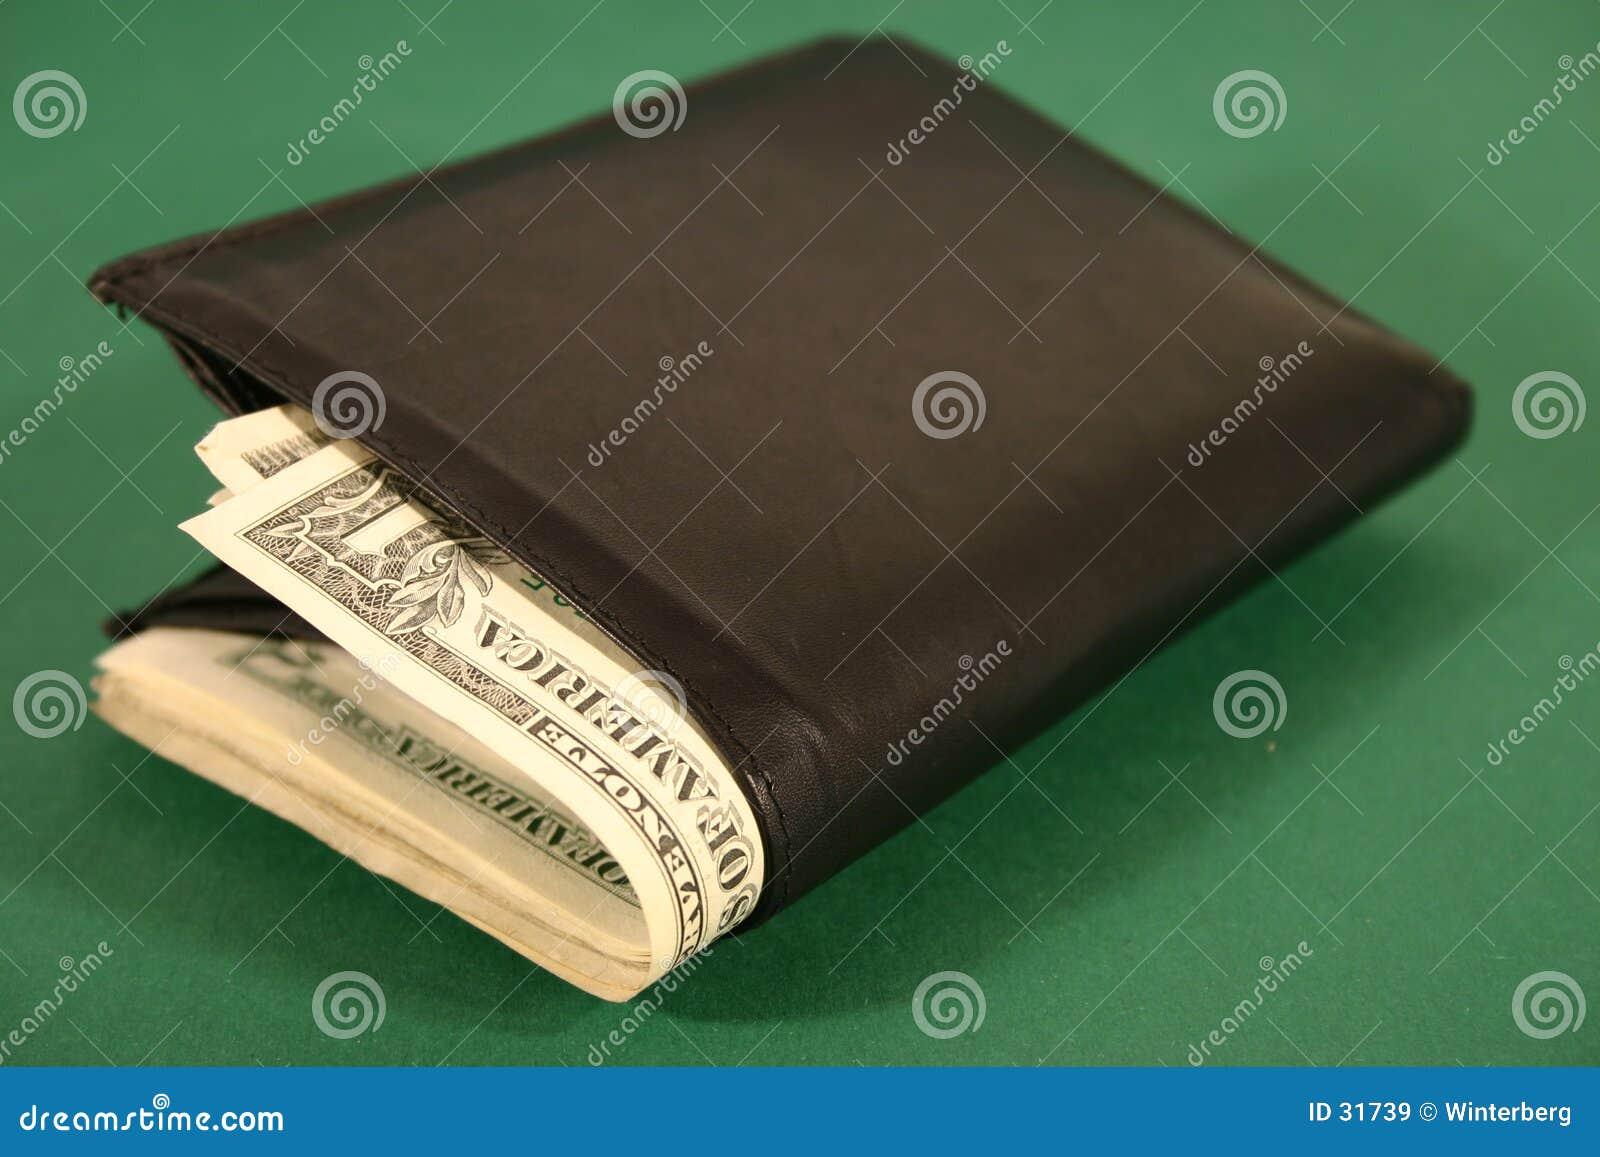 我货币钱包